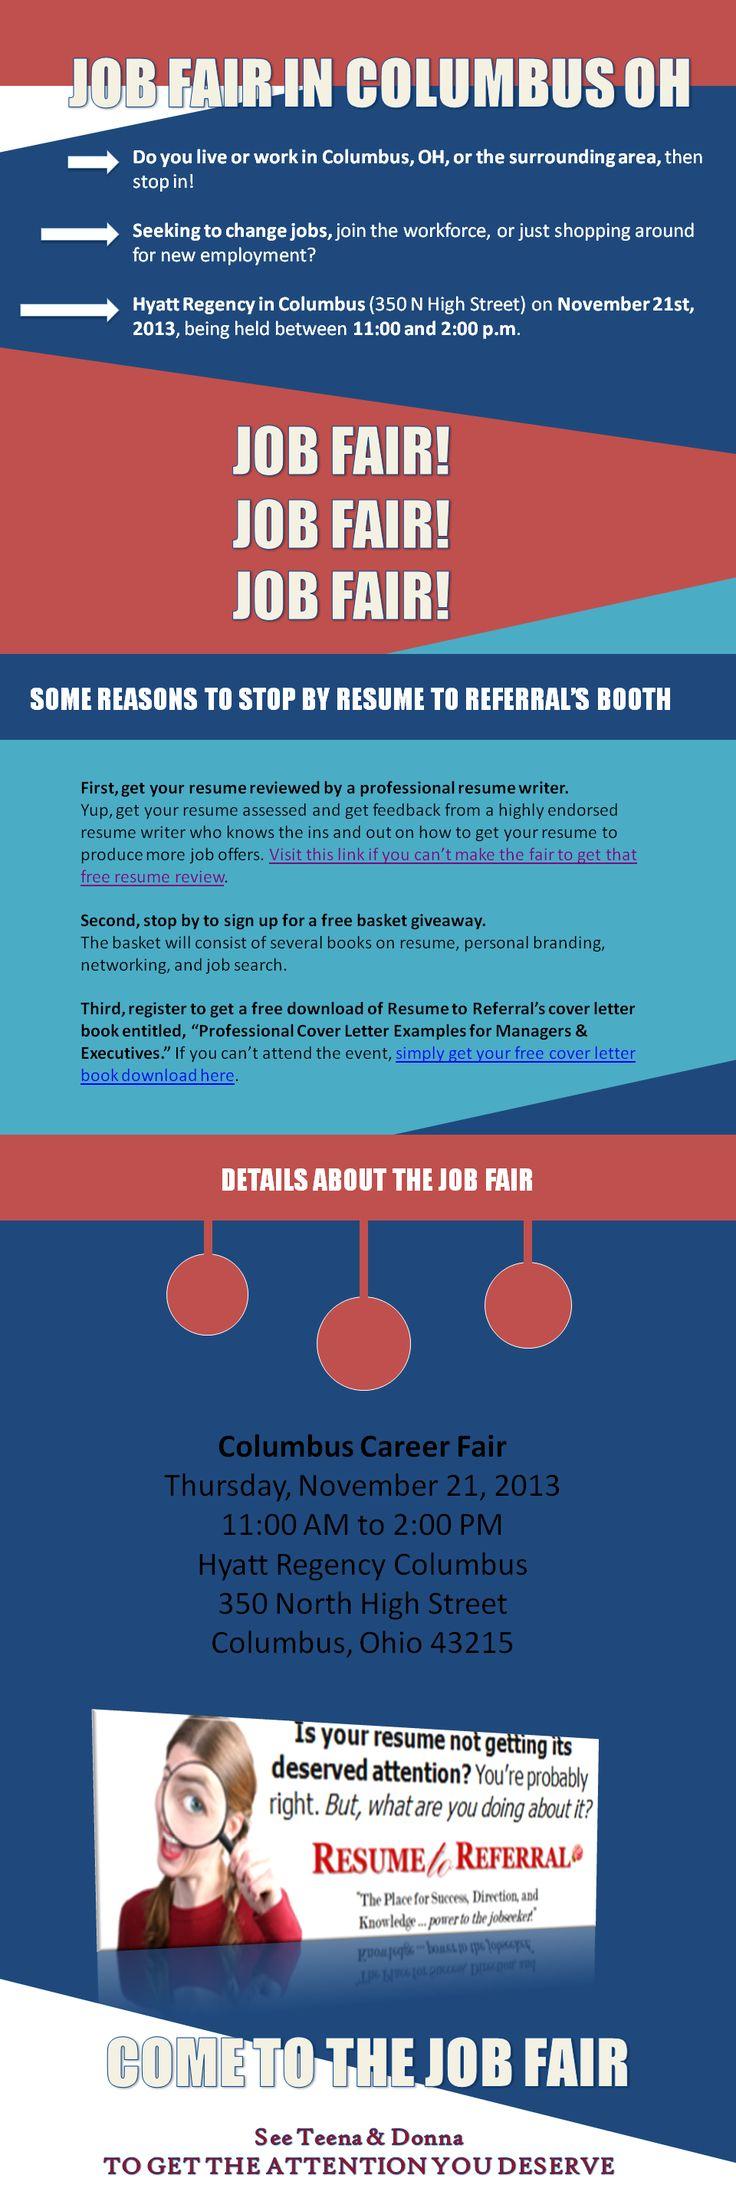 Resume for job fair